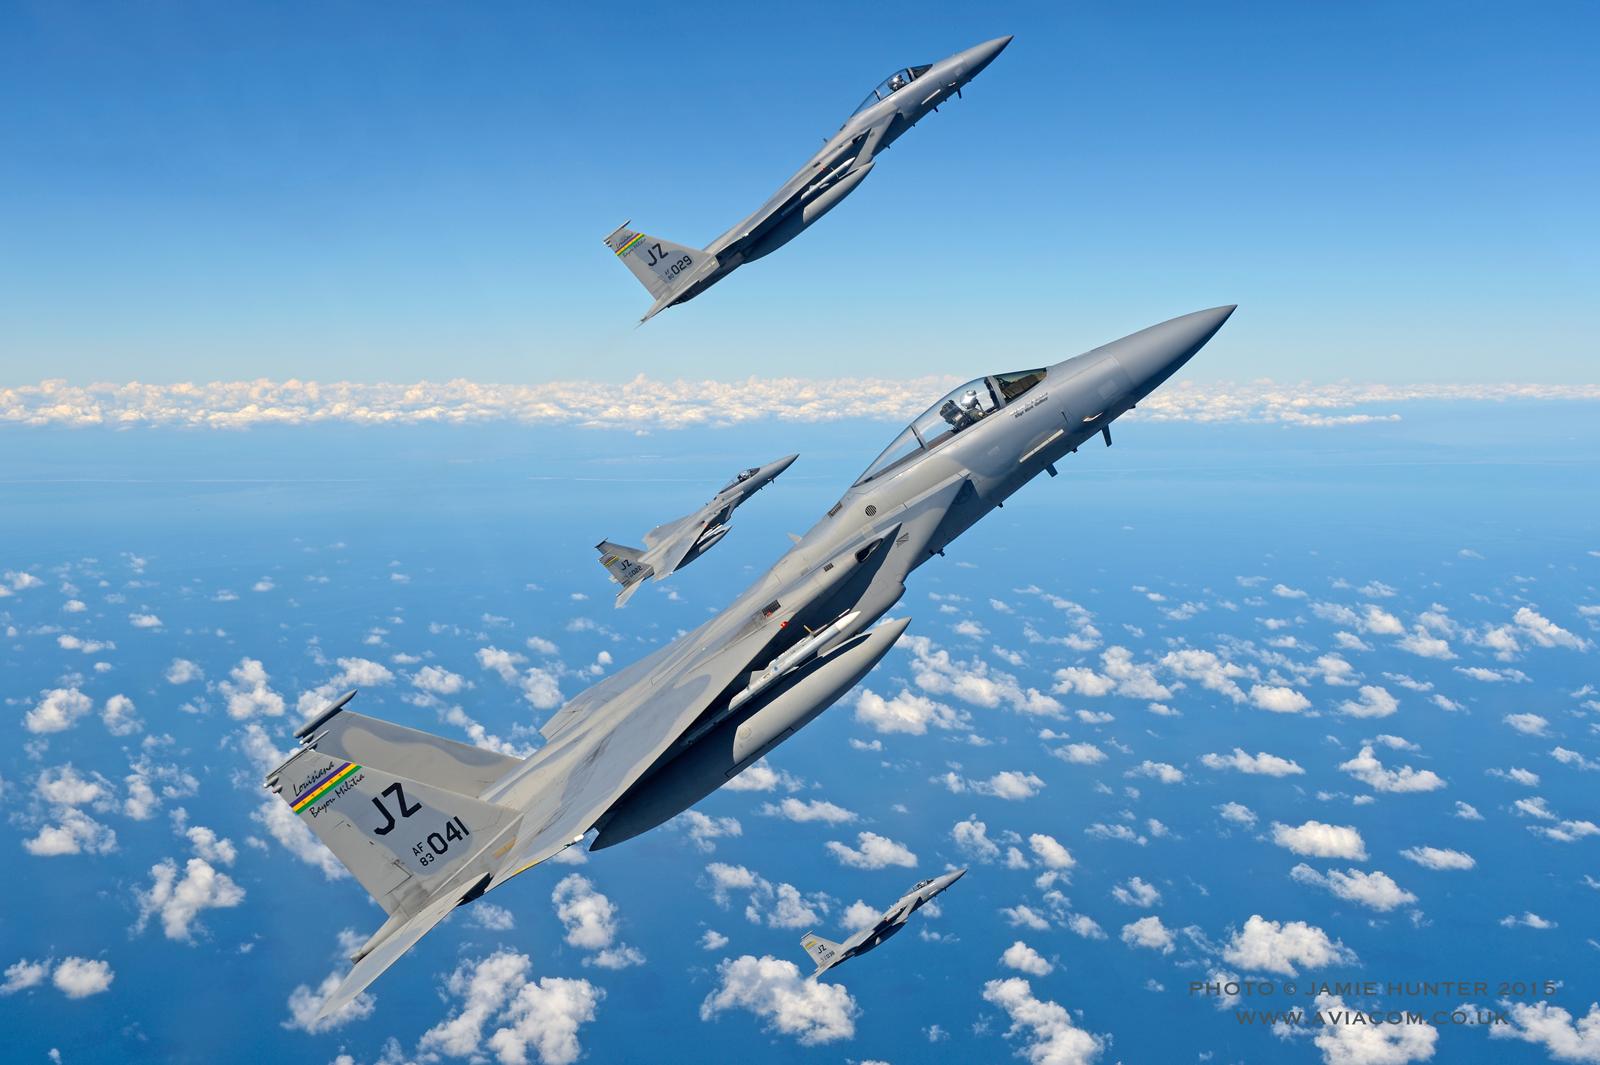 چرا جنگنده های F-15 بعد از ۵۰ سال نیز هنوز سرحال و کارآمد هستند؟